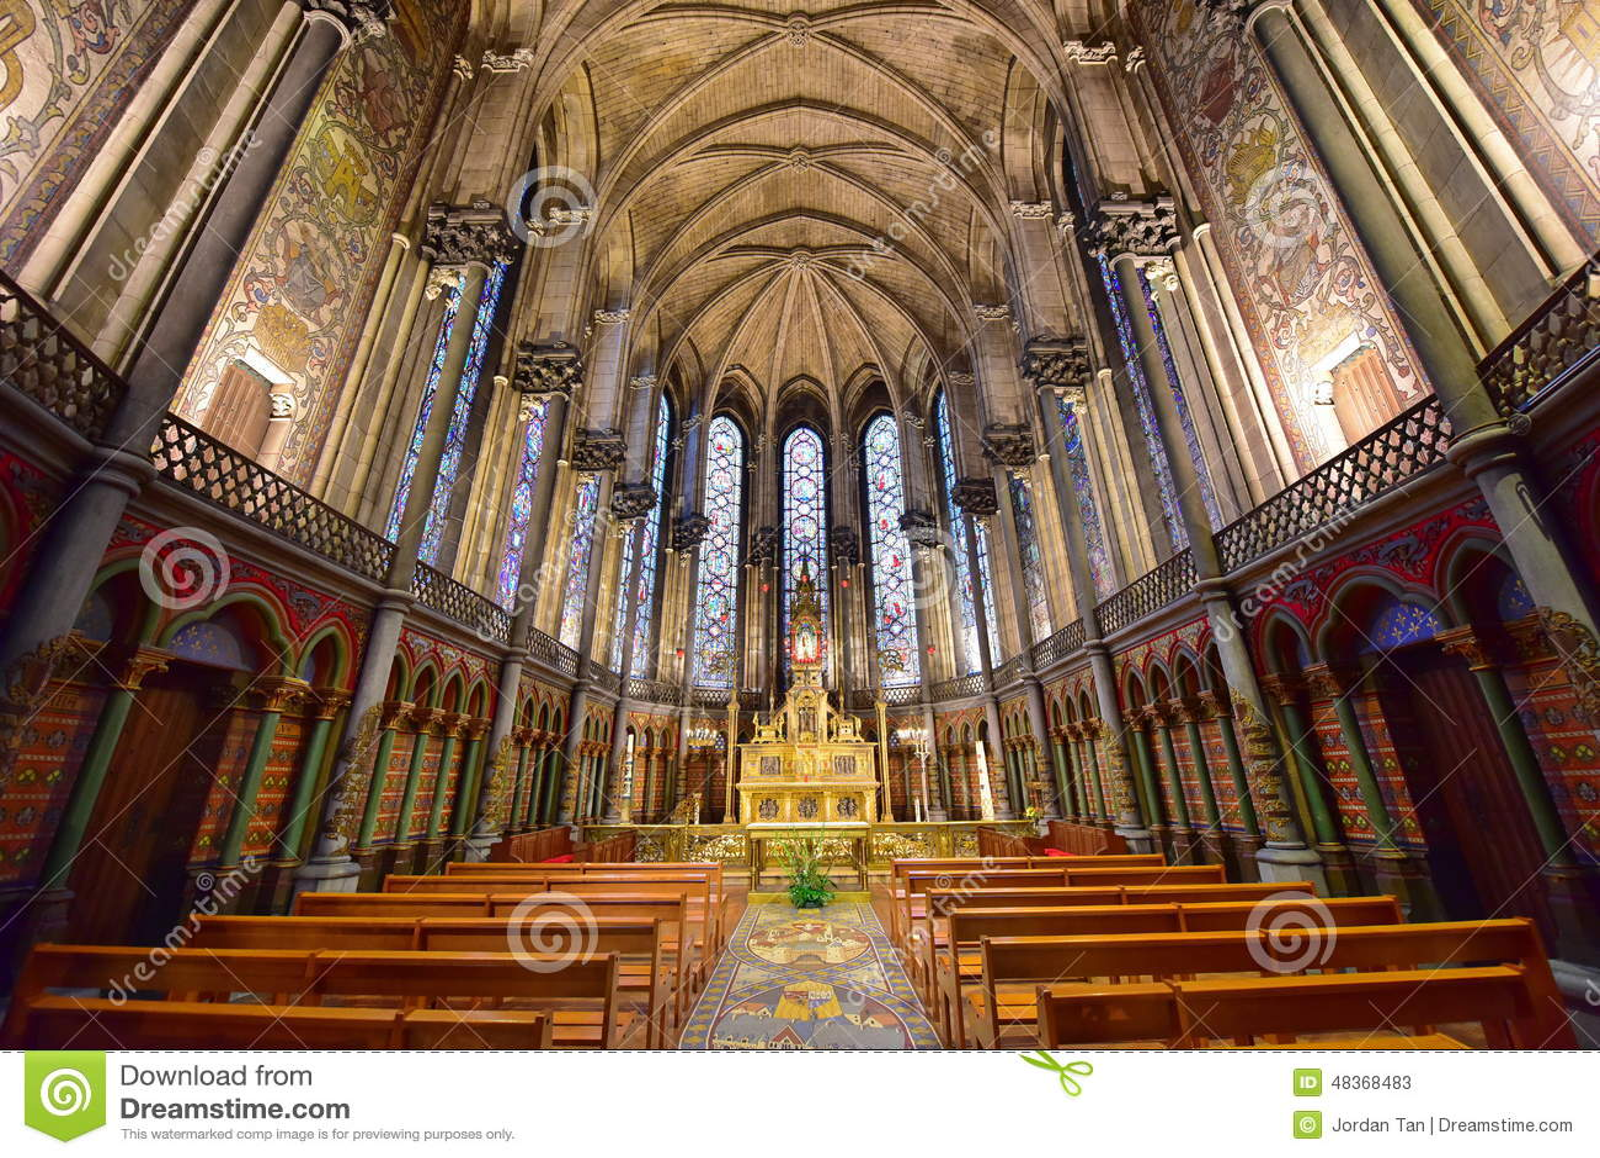 Bel int rieur de la basilique de notre dame de la treille photo stock ditorial image 48368483 - Lille notre dame de la treille ...